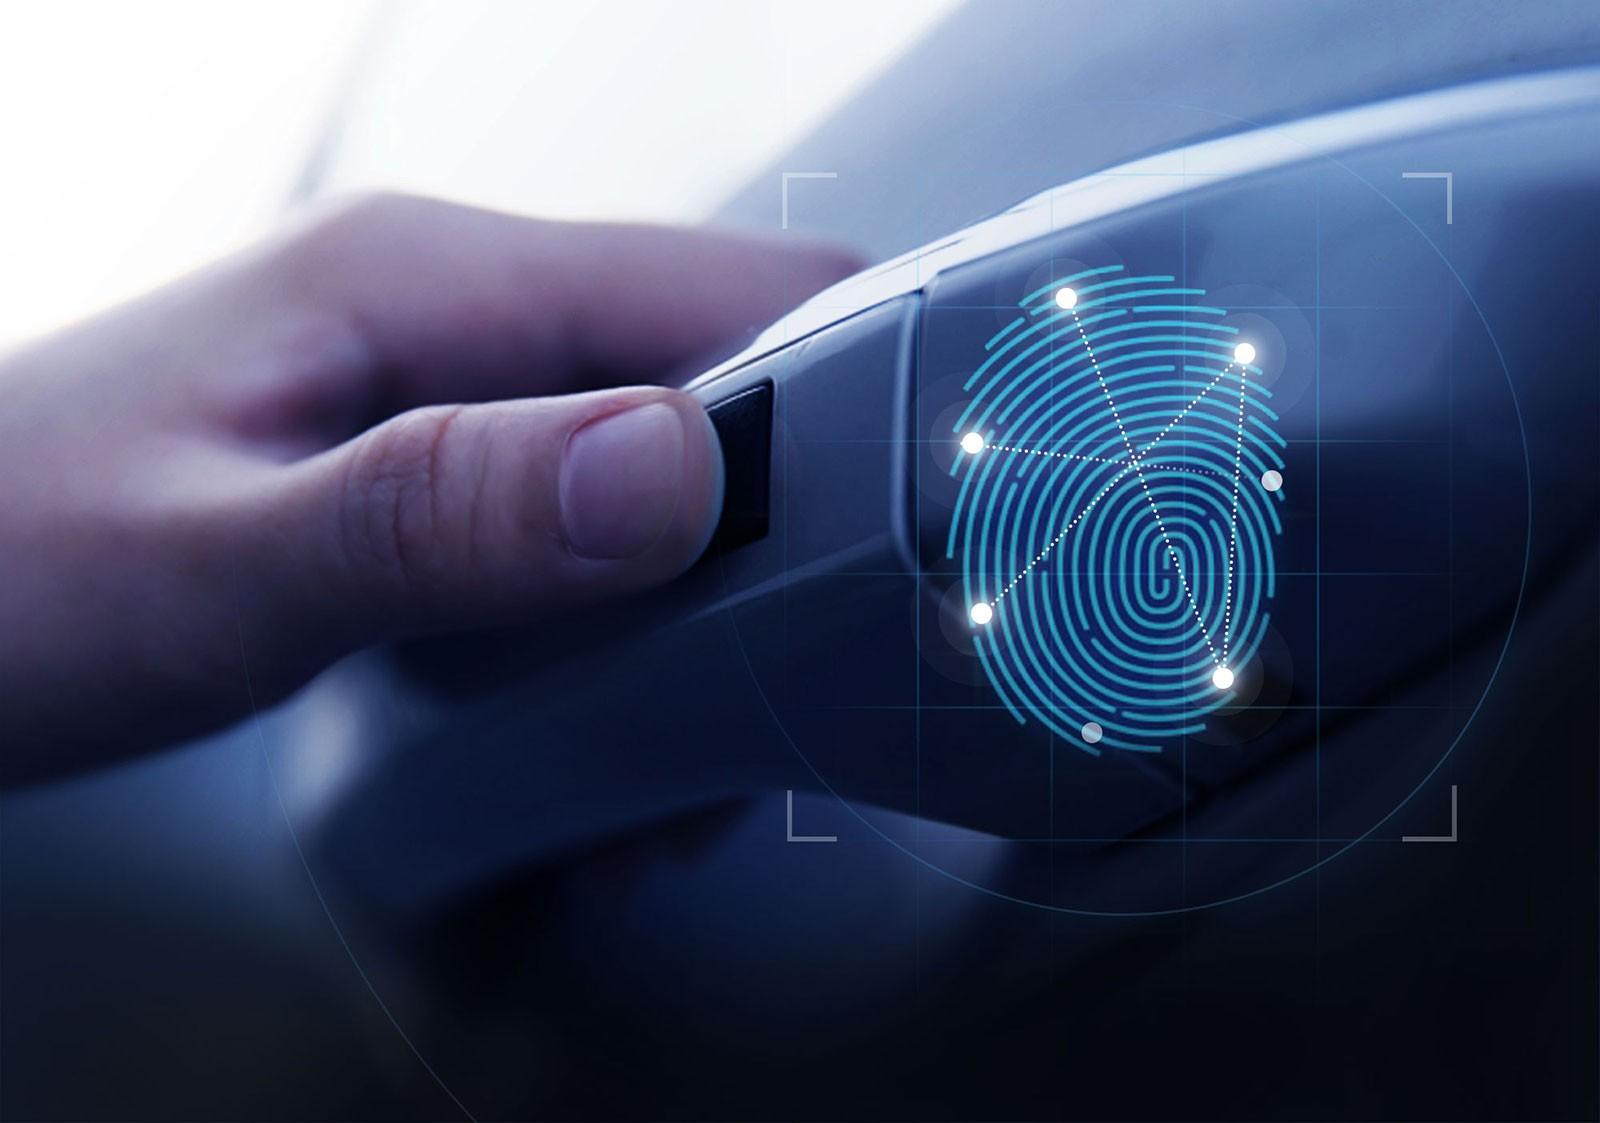 Hyundai Santa Fe 2019 tại Trung Quốc được trang bị máy quét vân tay ở tay nắm cửa